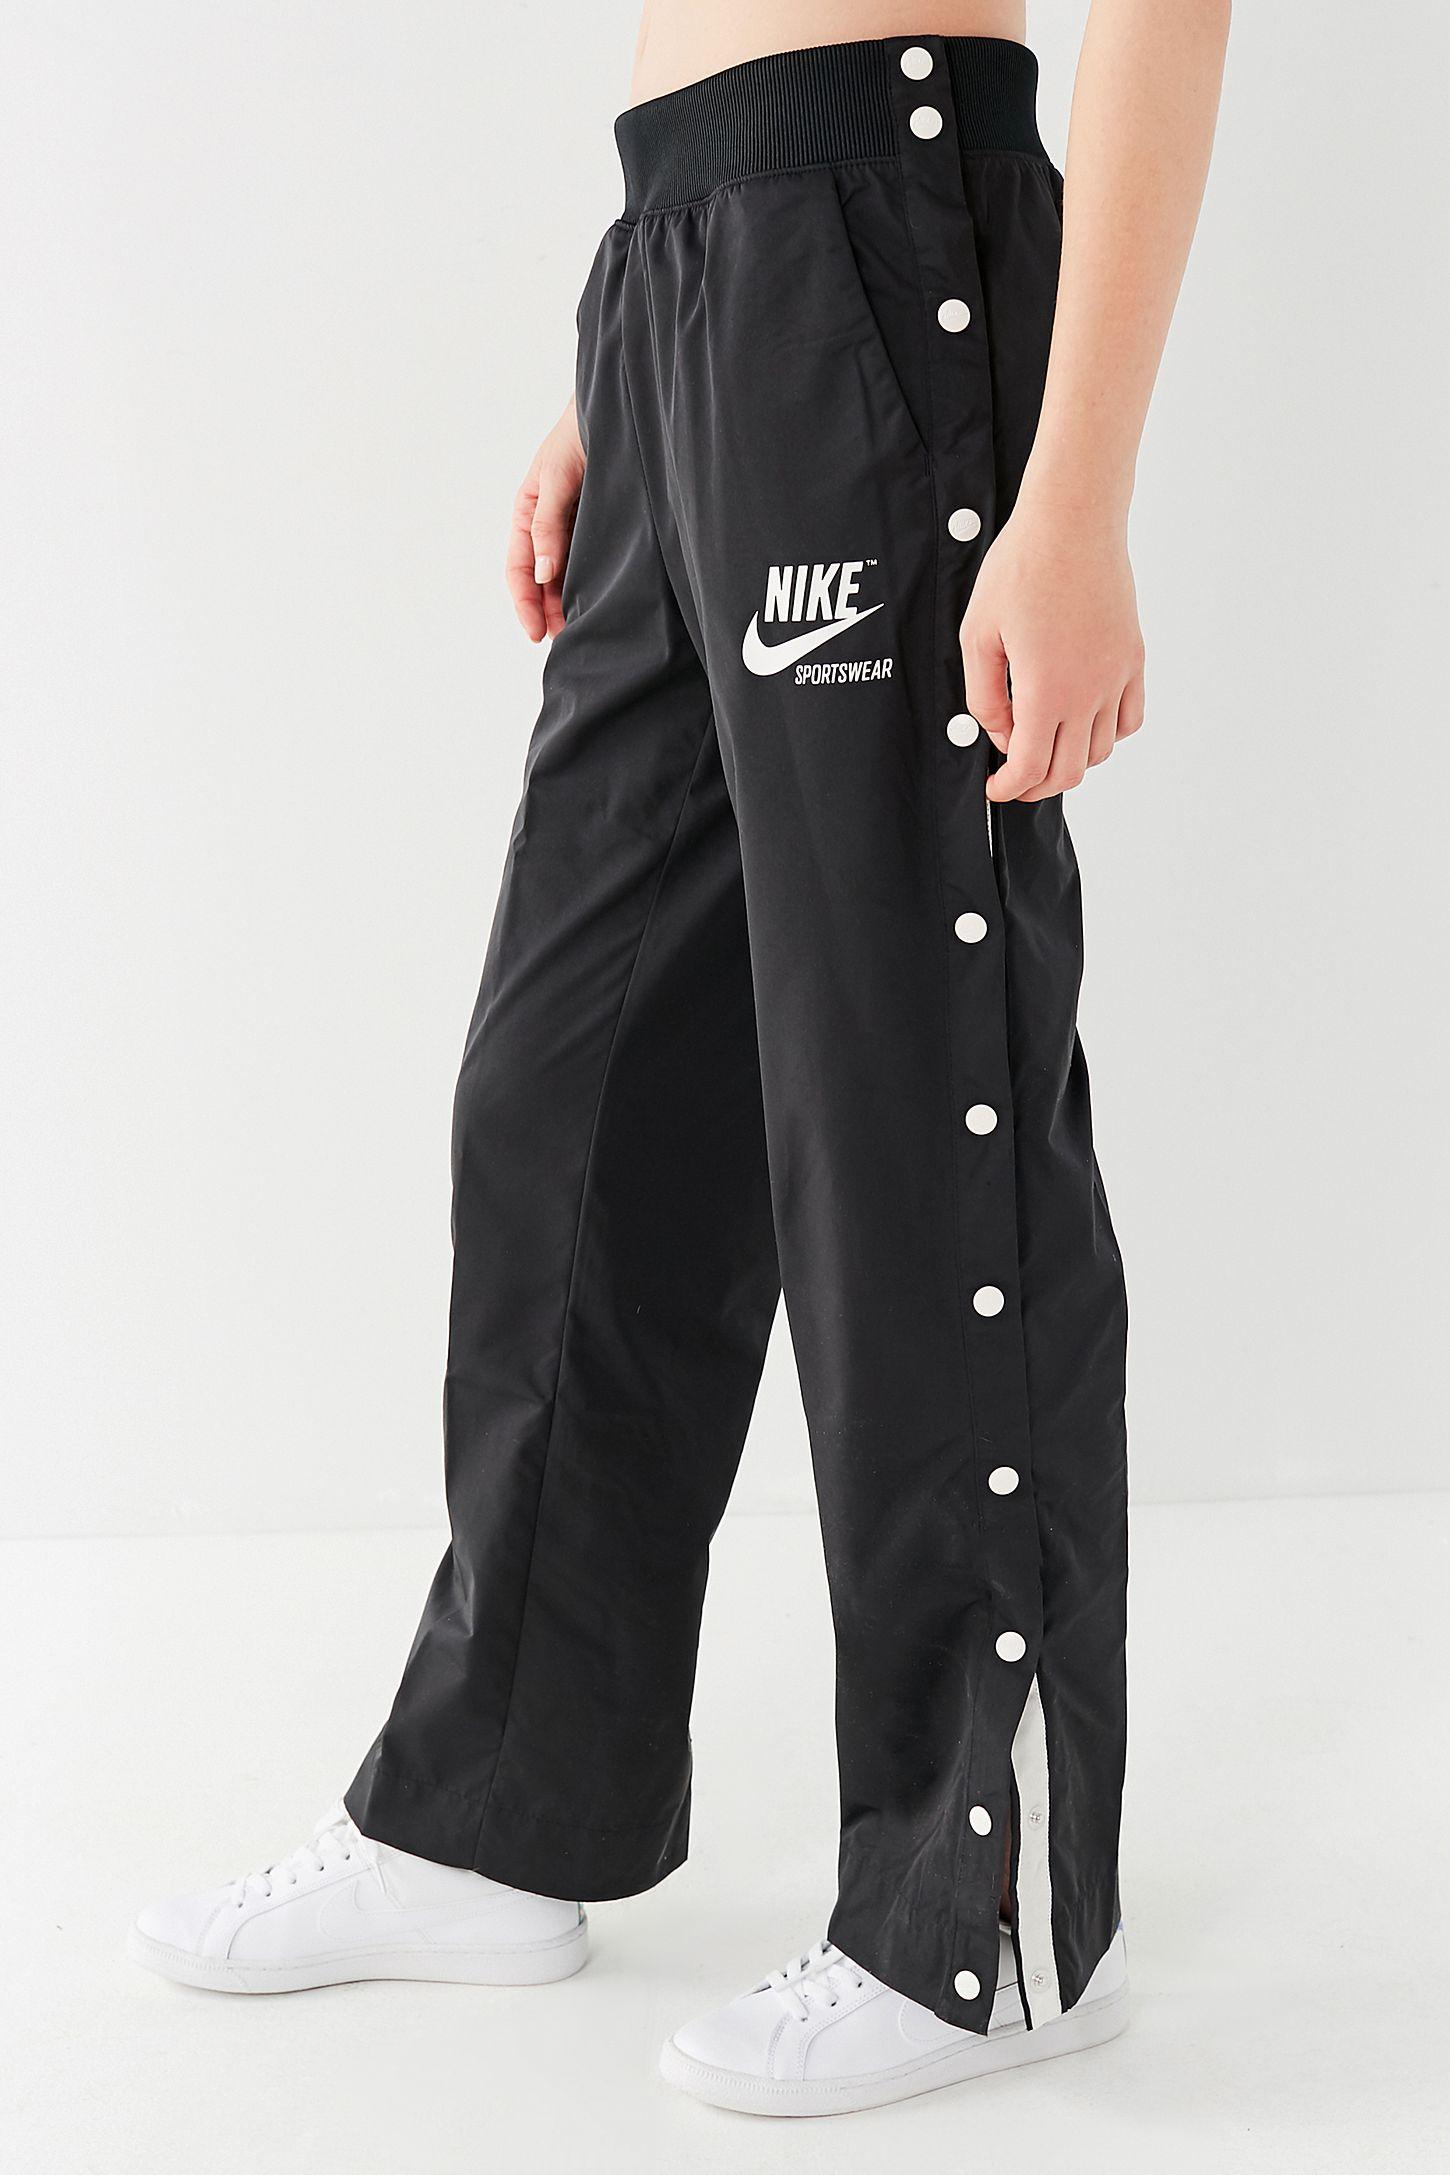 8fef9a0cdb7c Nike Sportswear Archive Track Pant